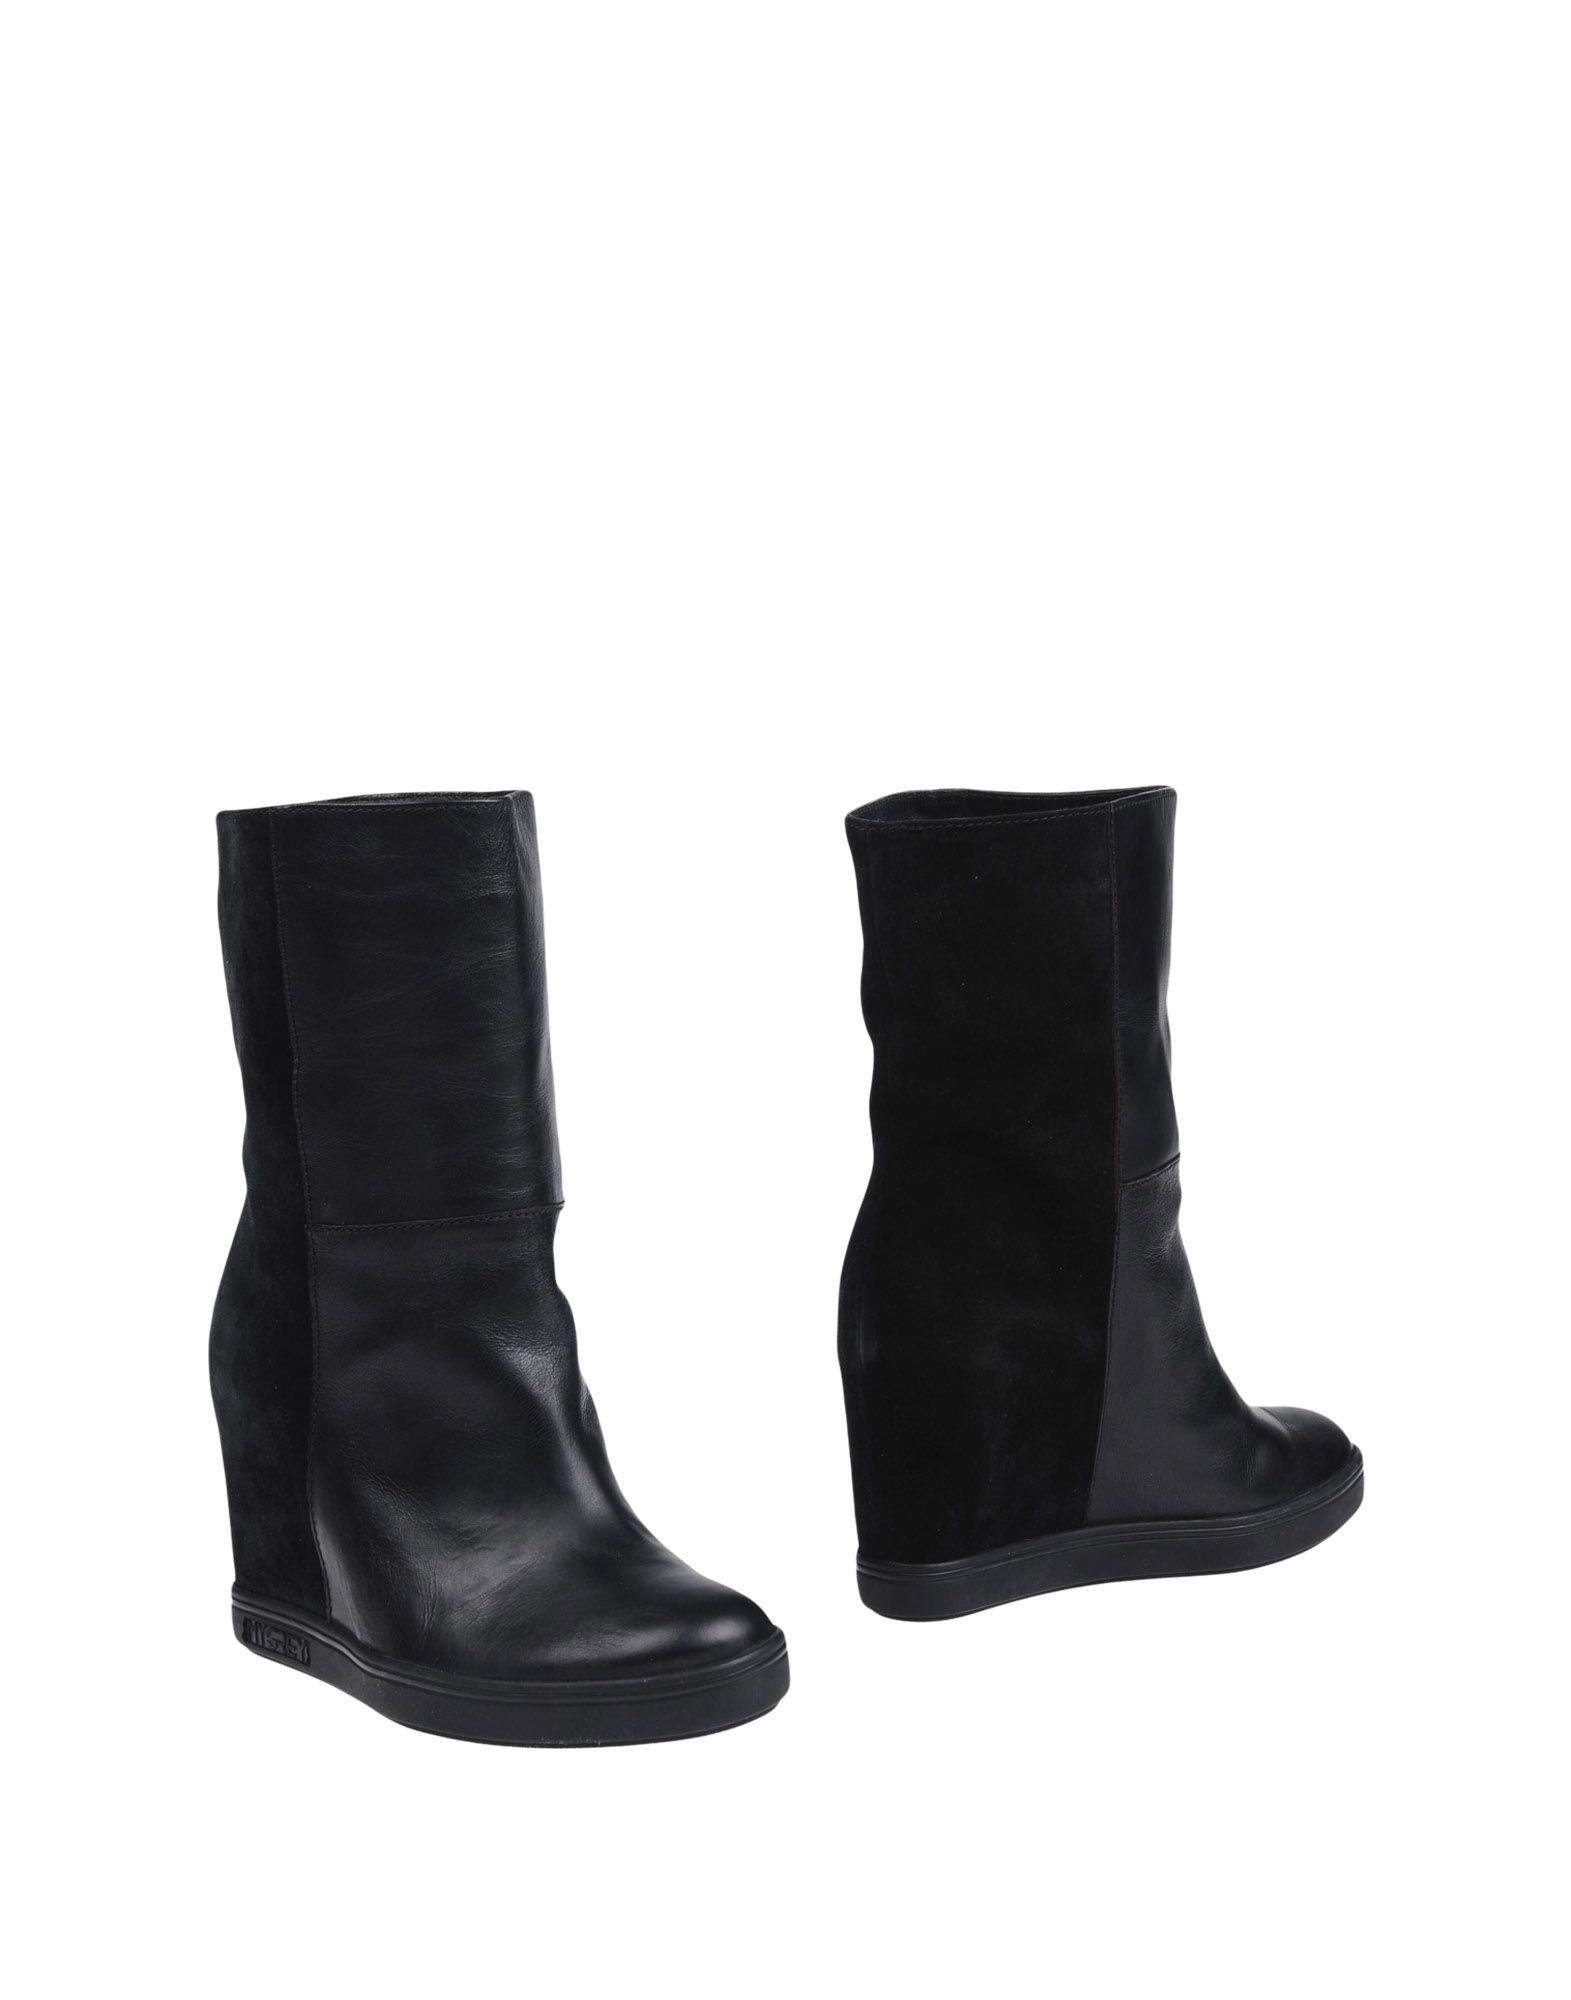 Gut Grey um billige Schuhe zu tragenMy Grey Gut Stiefelette Damen  11228377VK 07080b